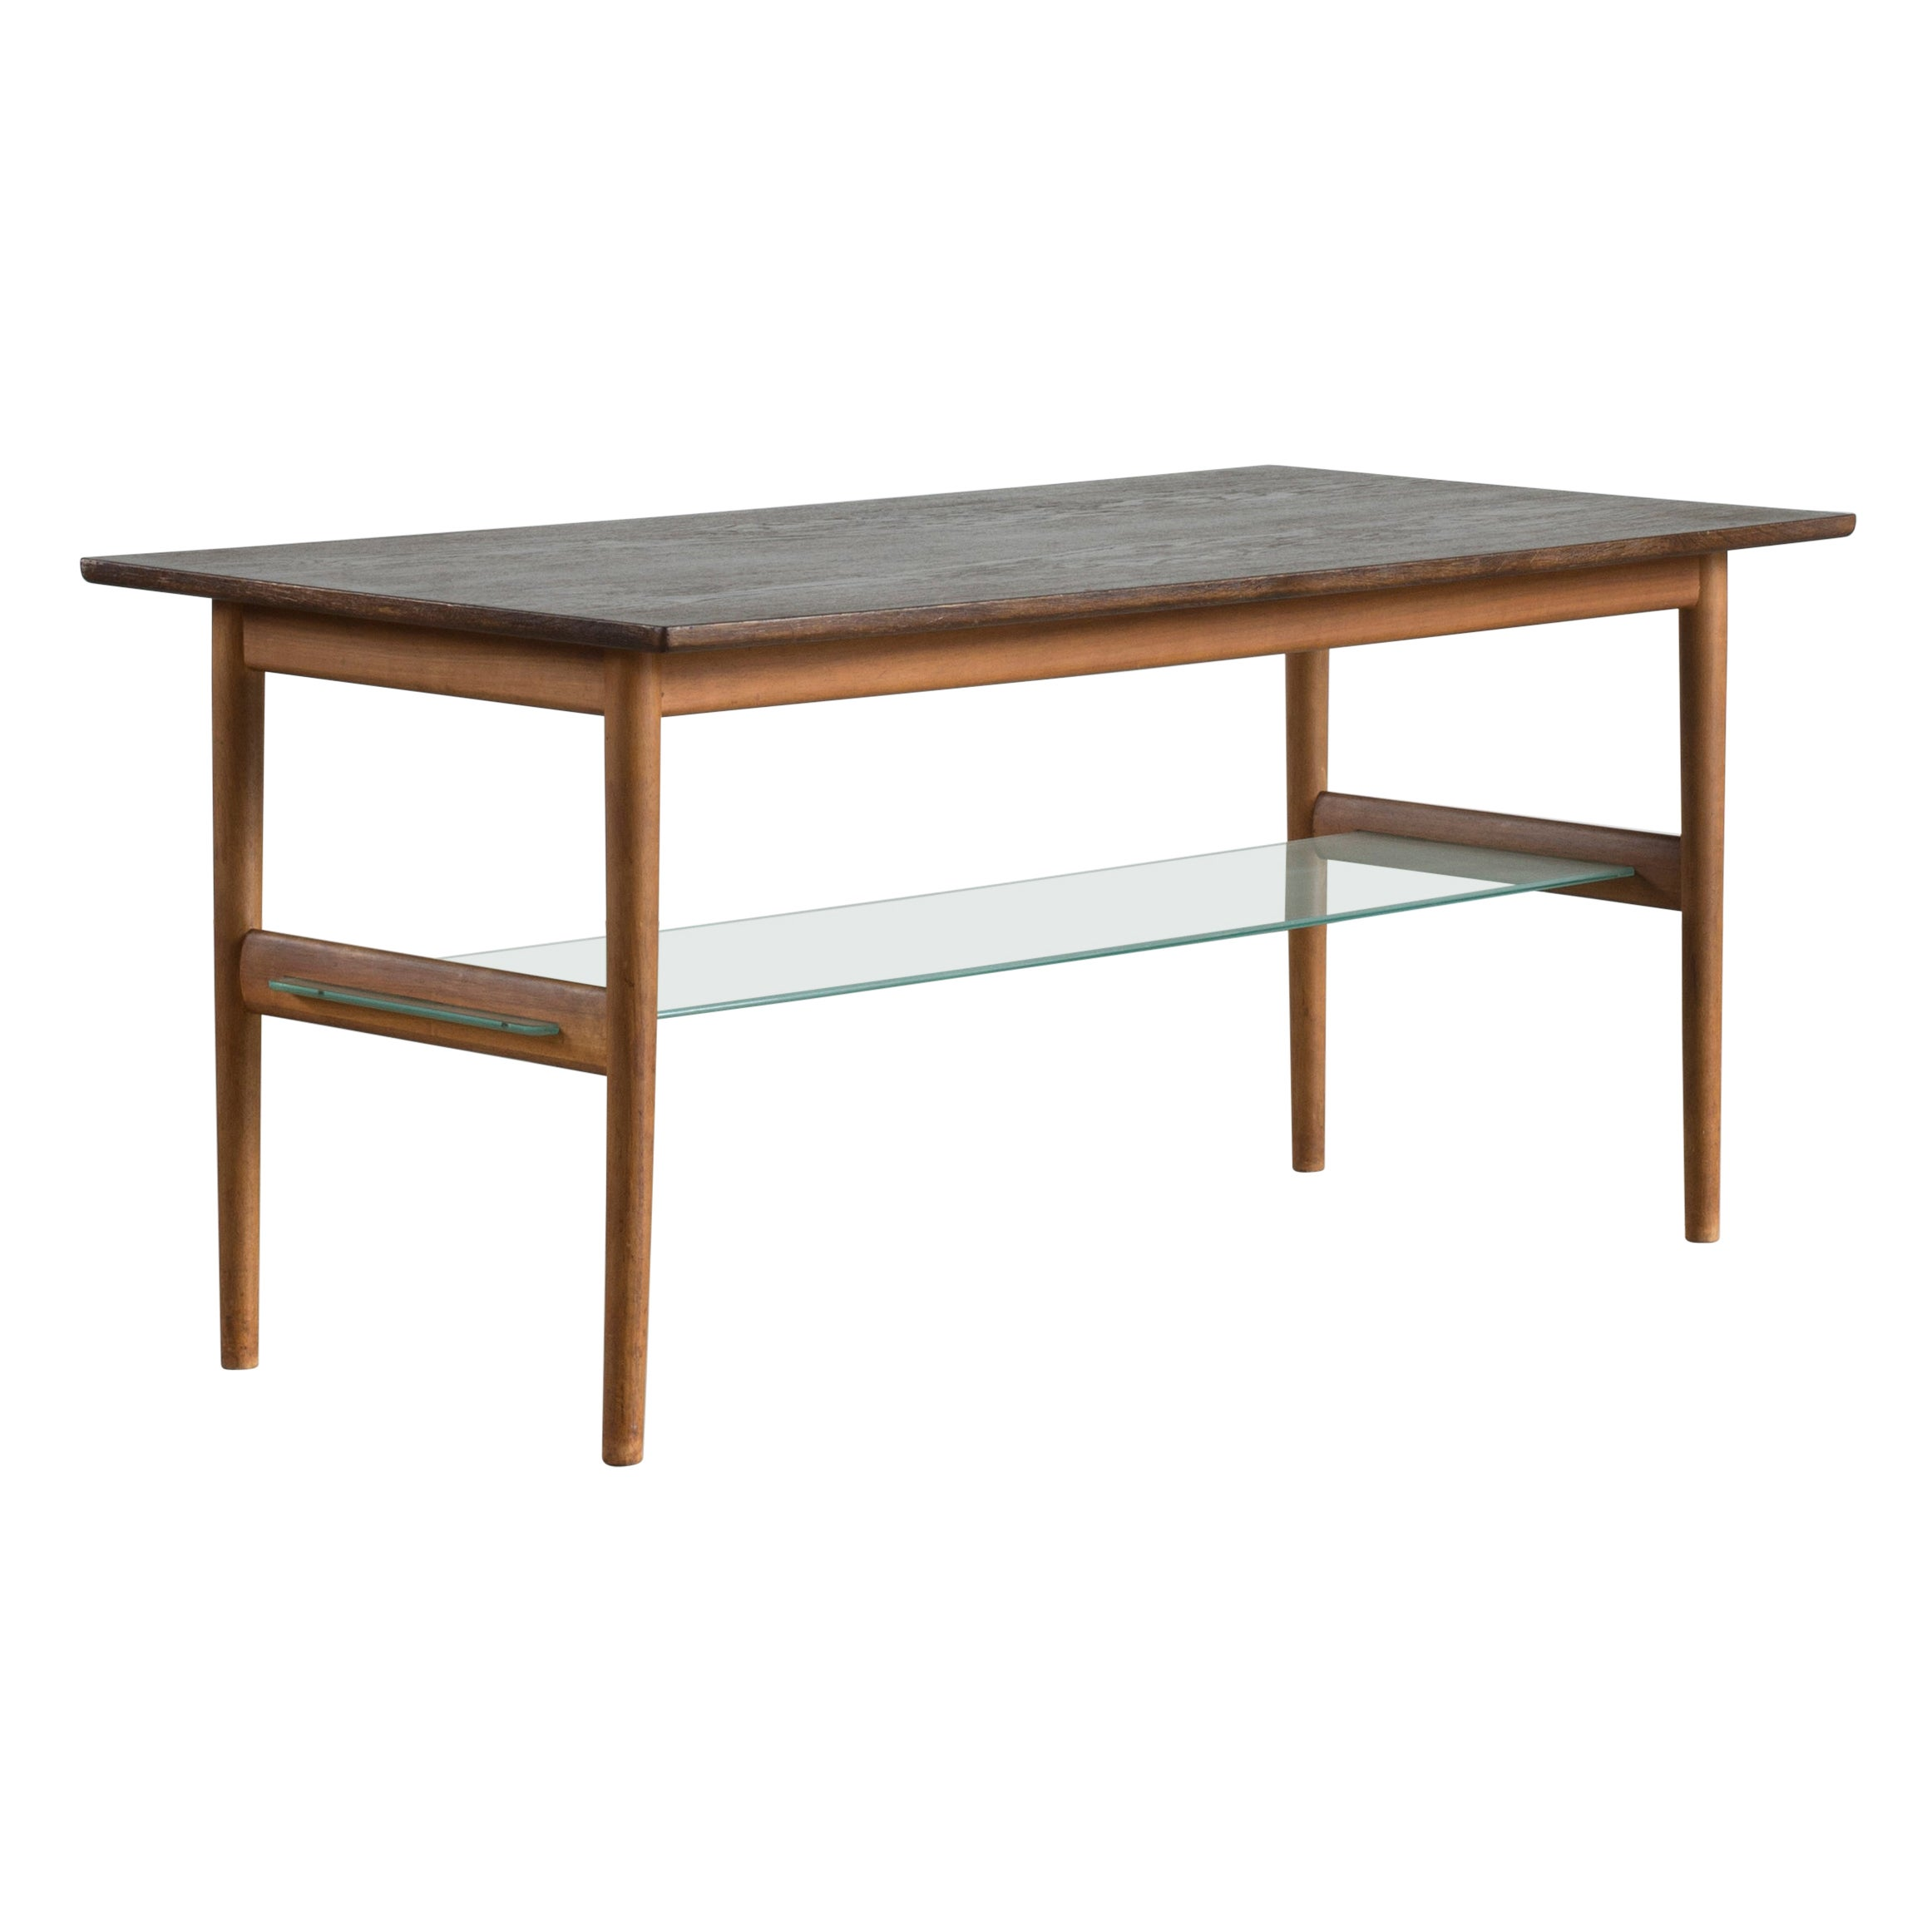 Finn Juhl Coffee Table for Niels Vodder